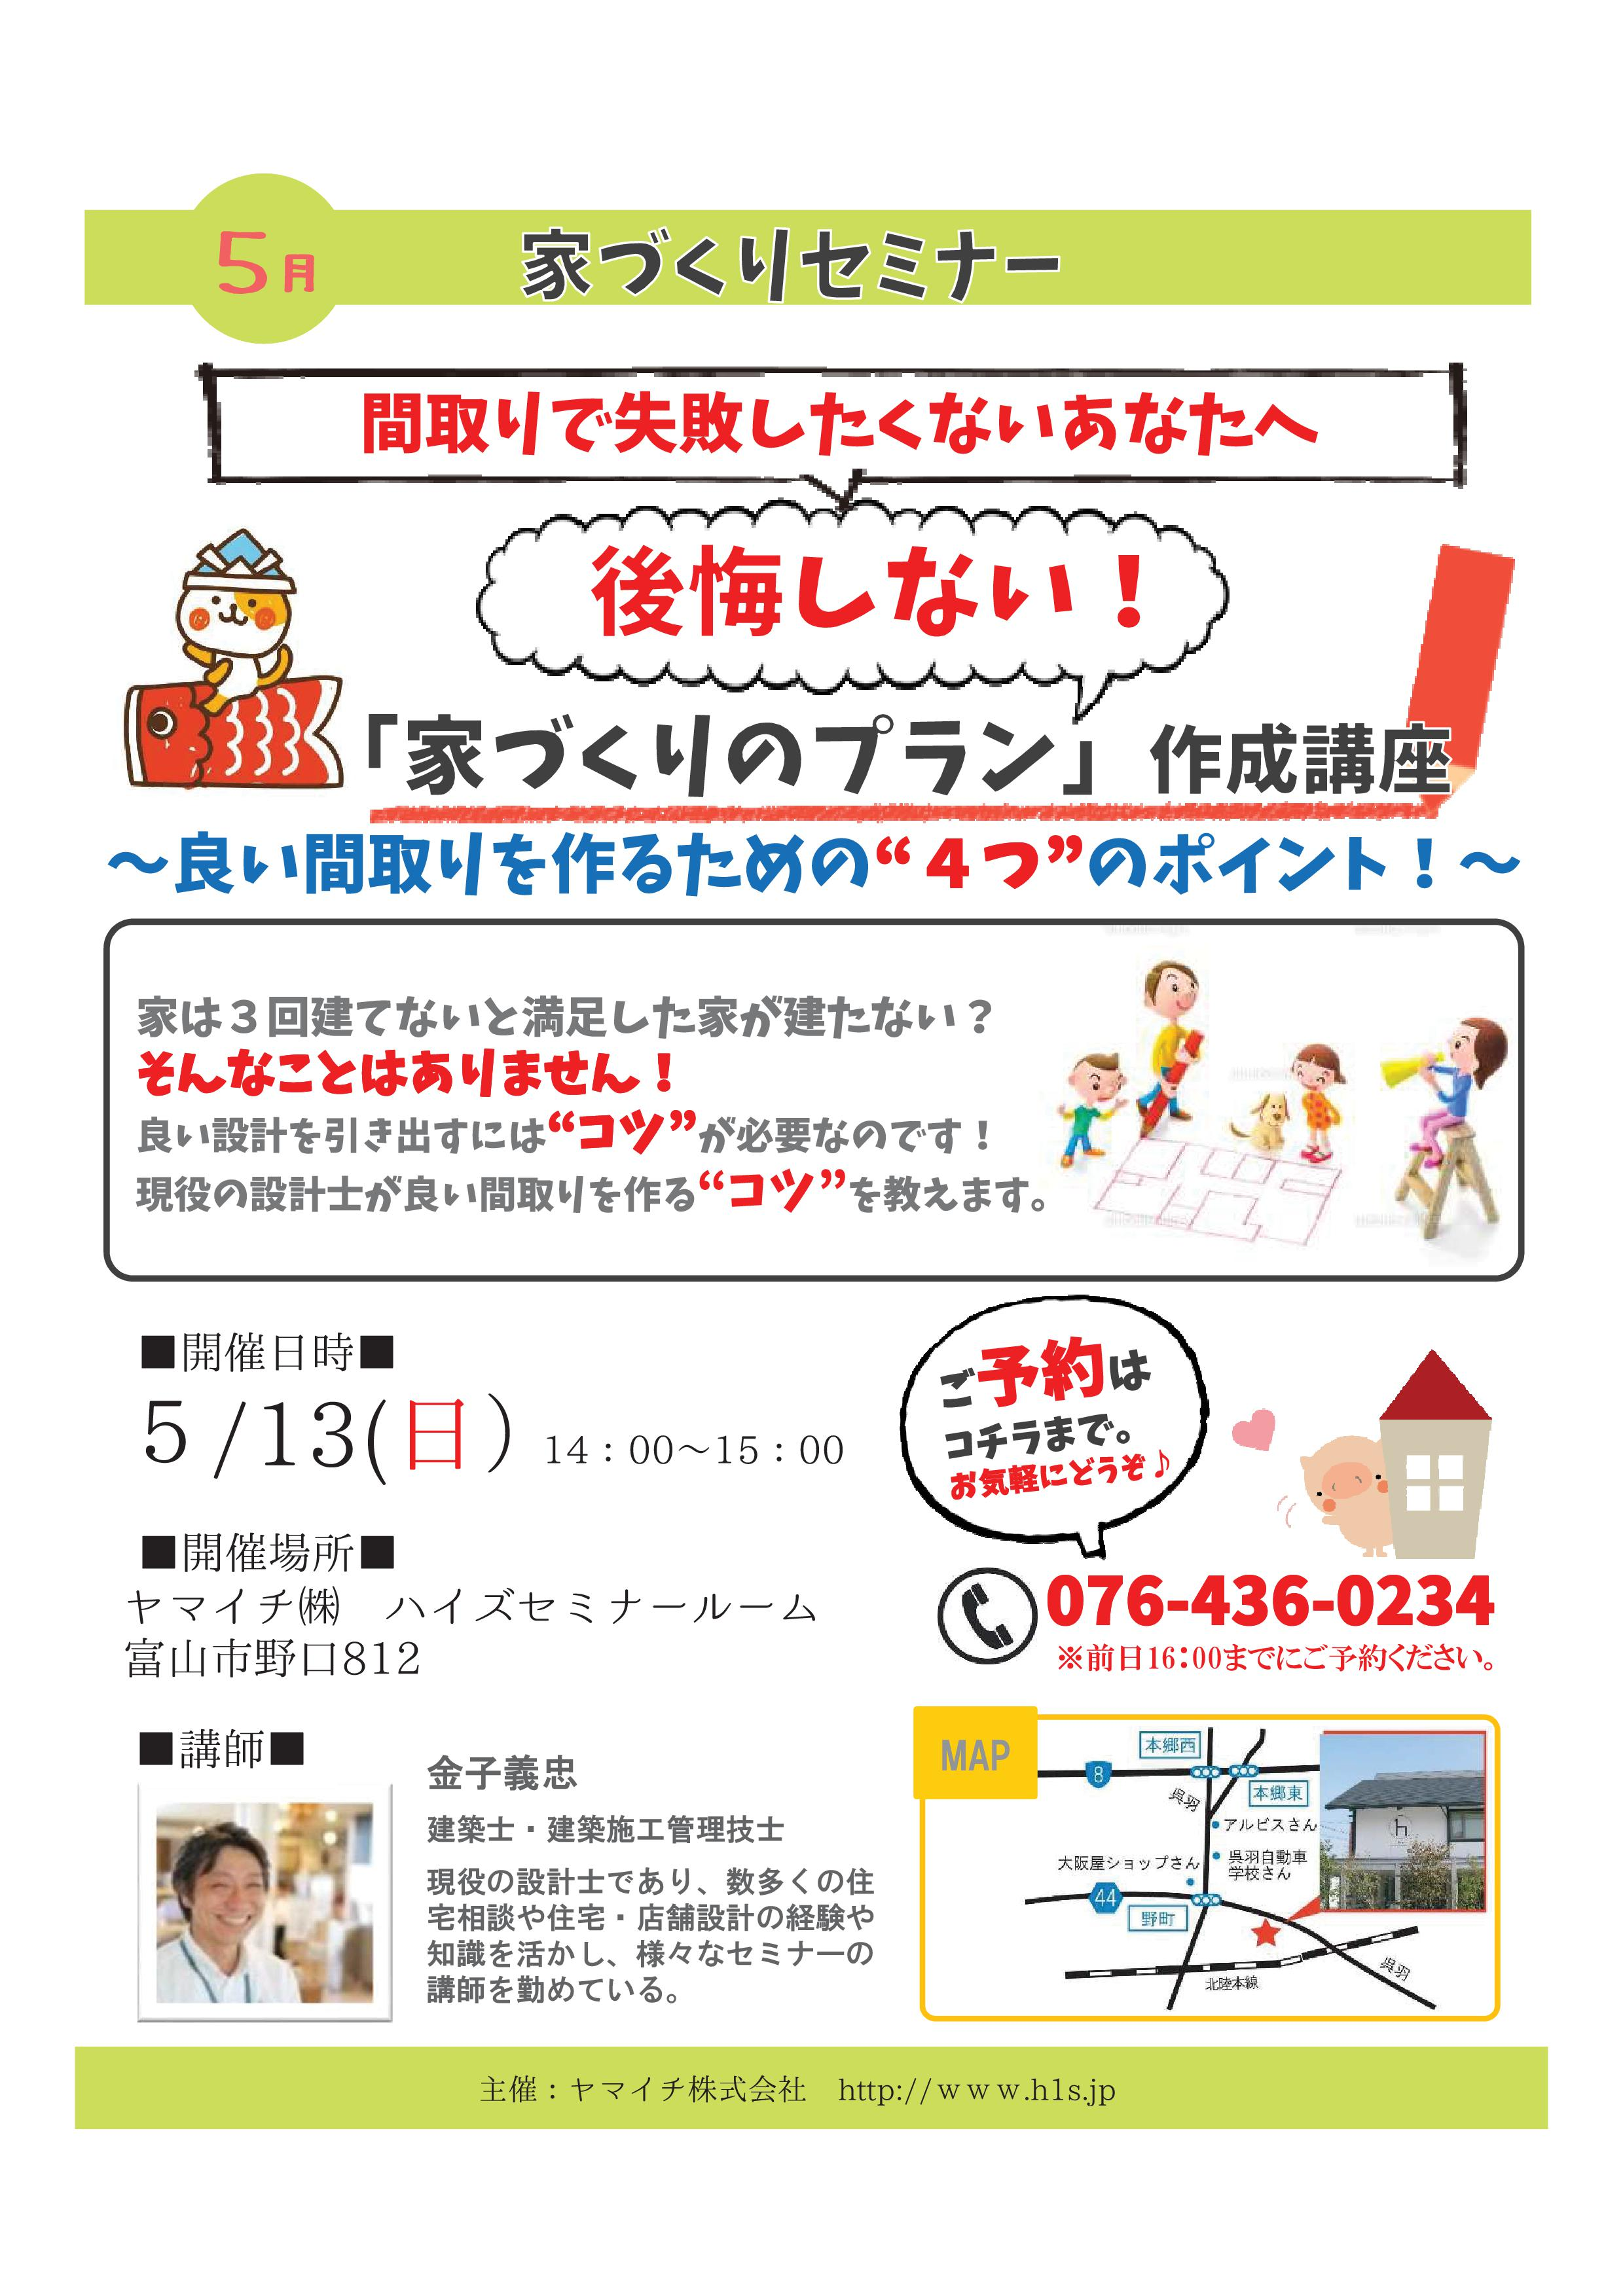 【セミナー】5/13(日)「家づくりプラン作成講座」